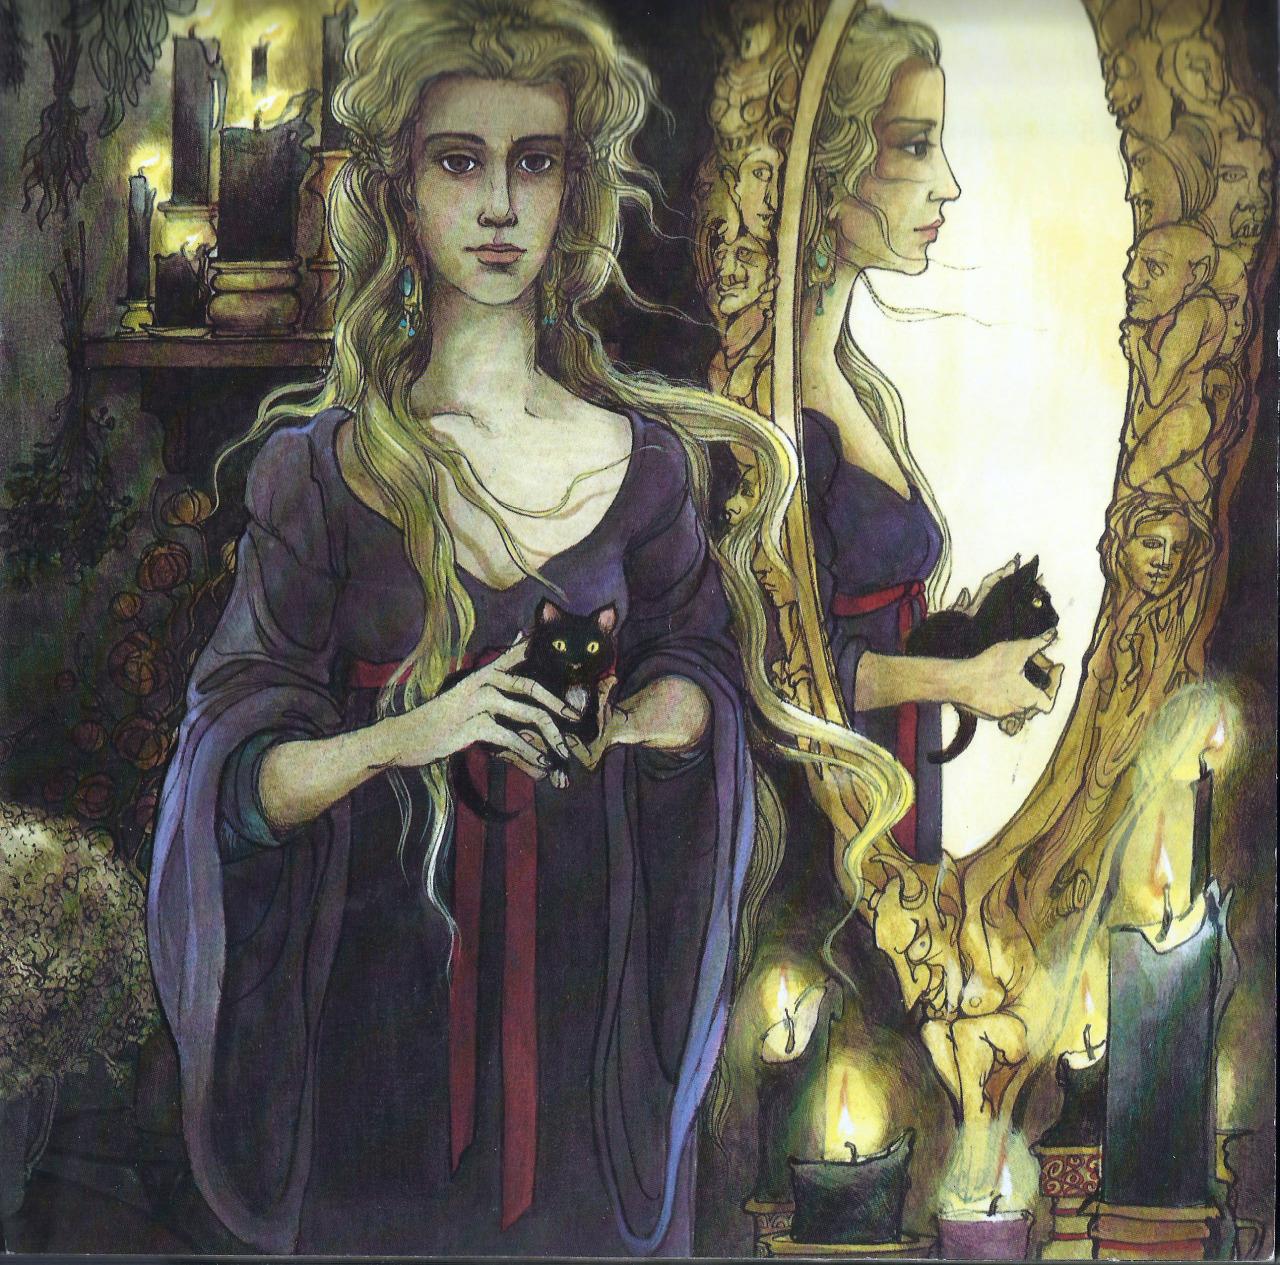 المرآة السحرية